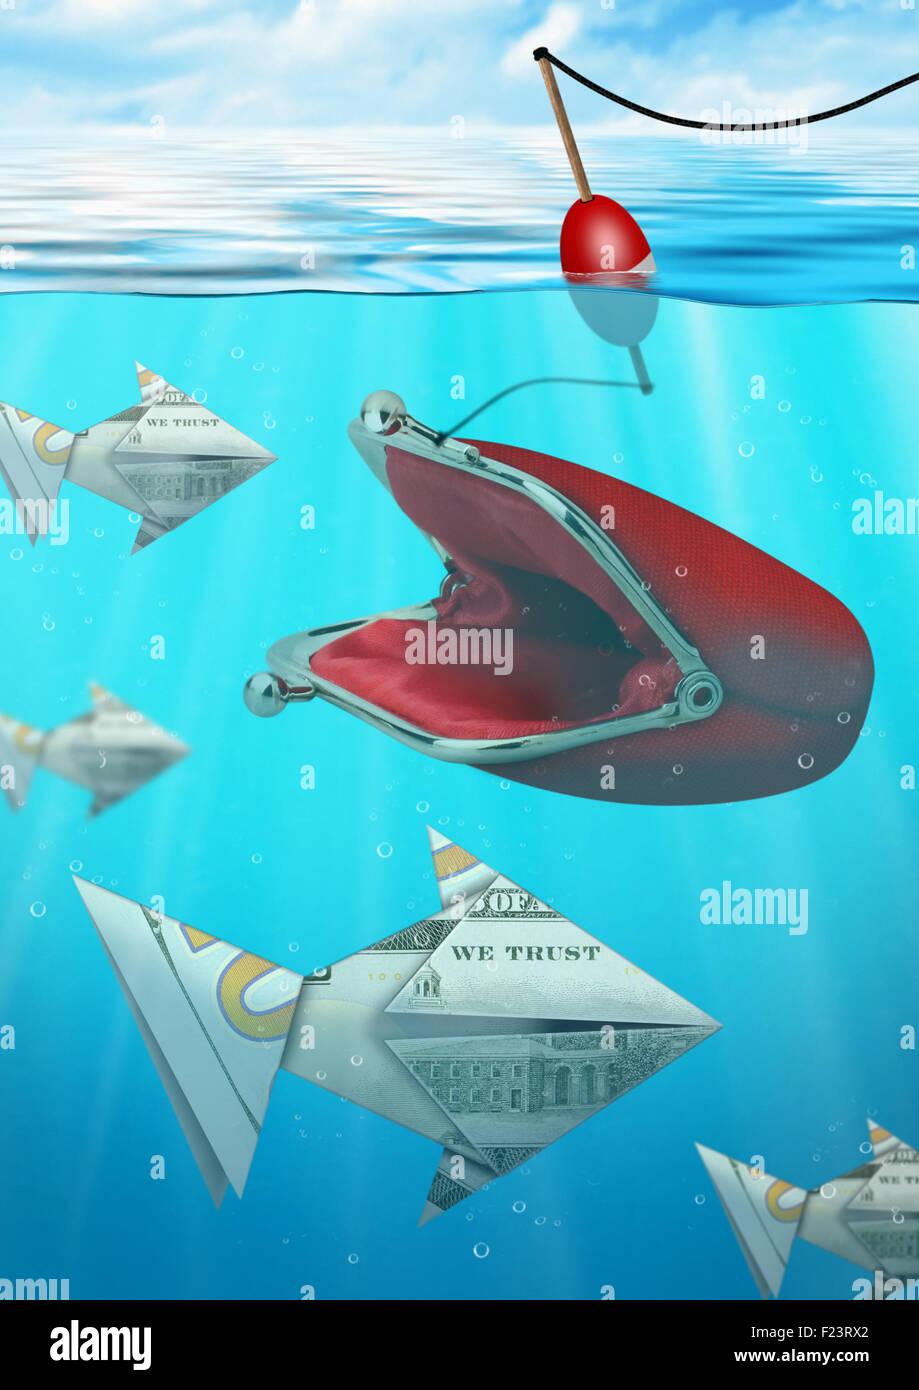 Kreative Geschäftsidee Geld Fischfang mit Geldbörse Stockbild